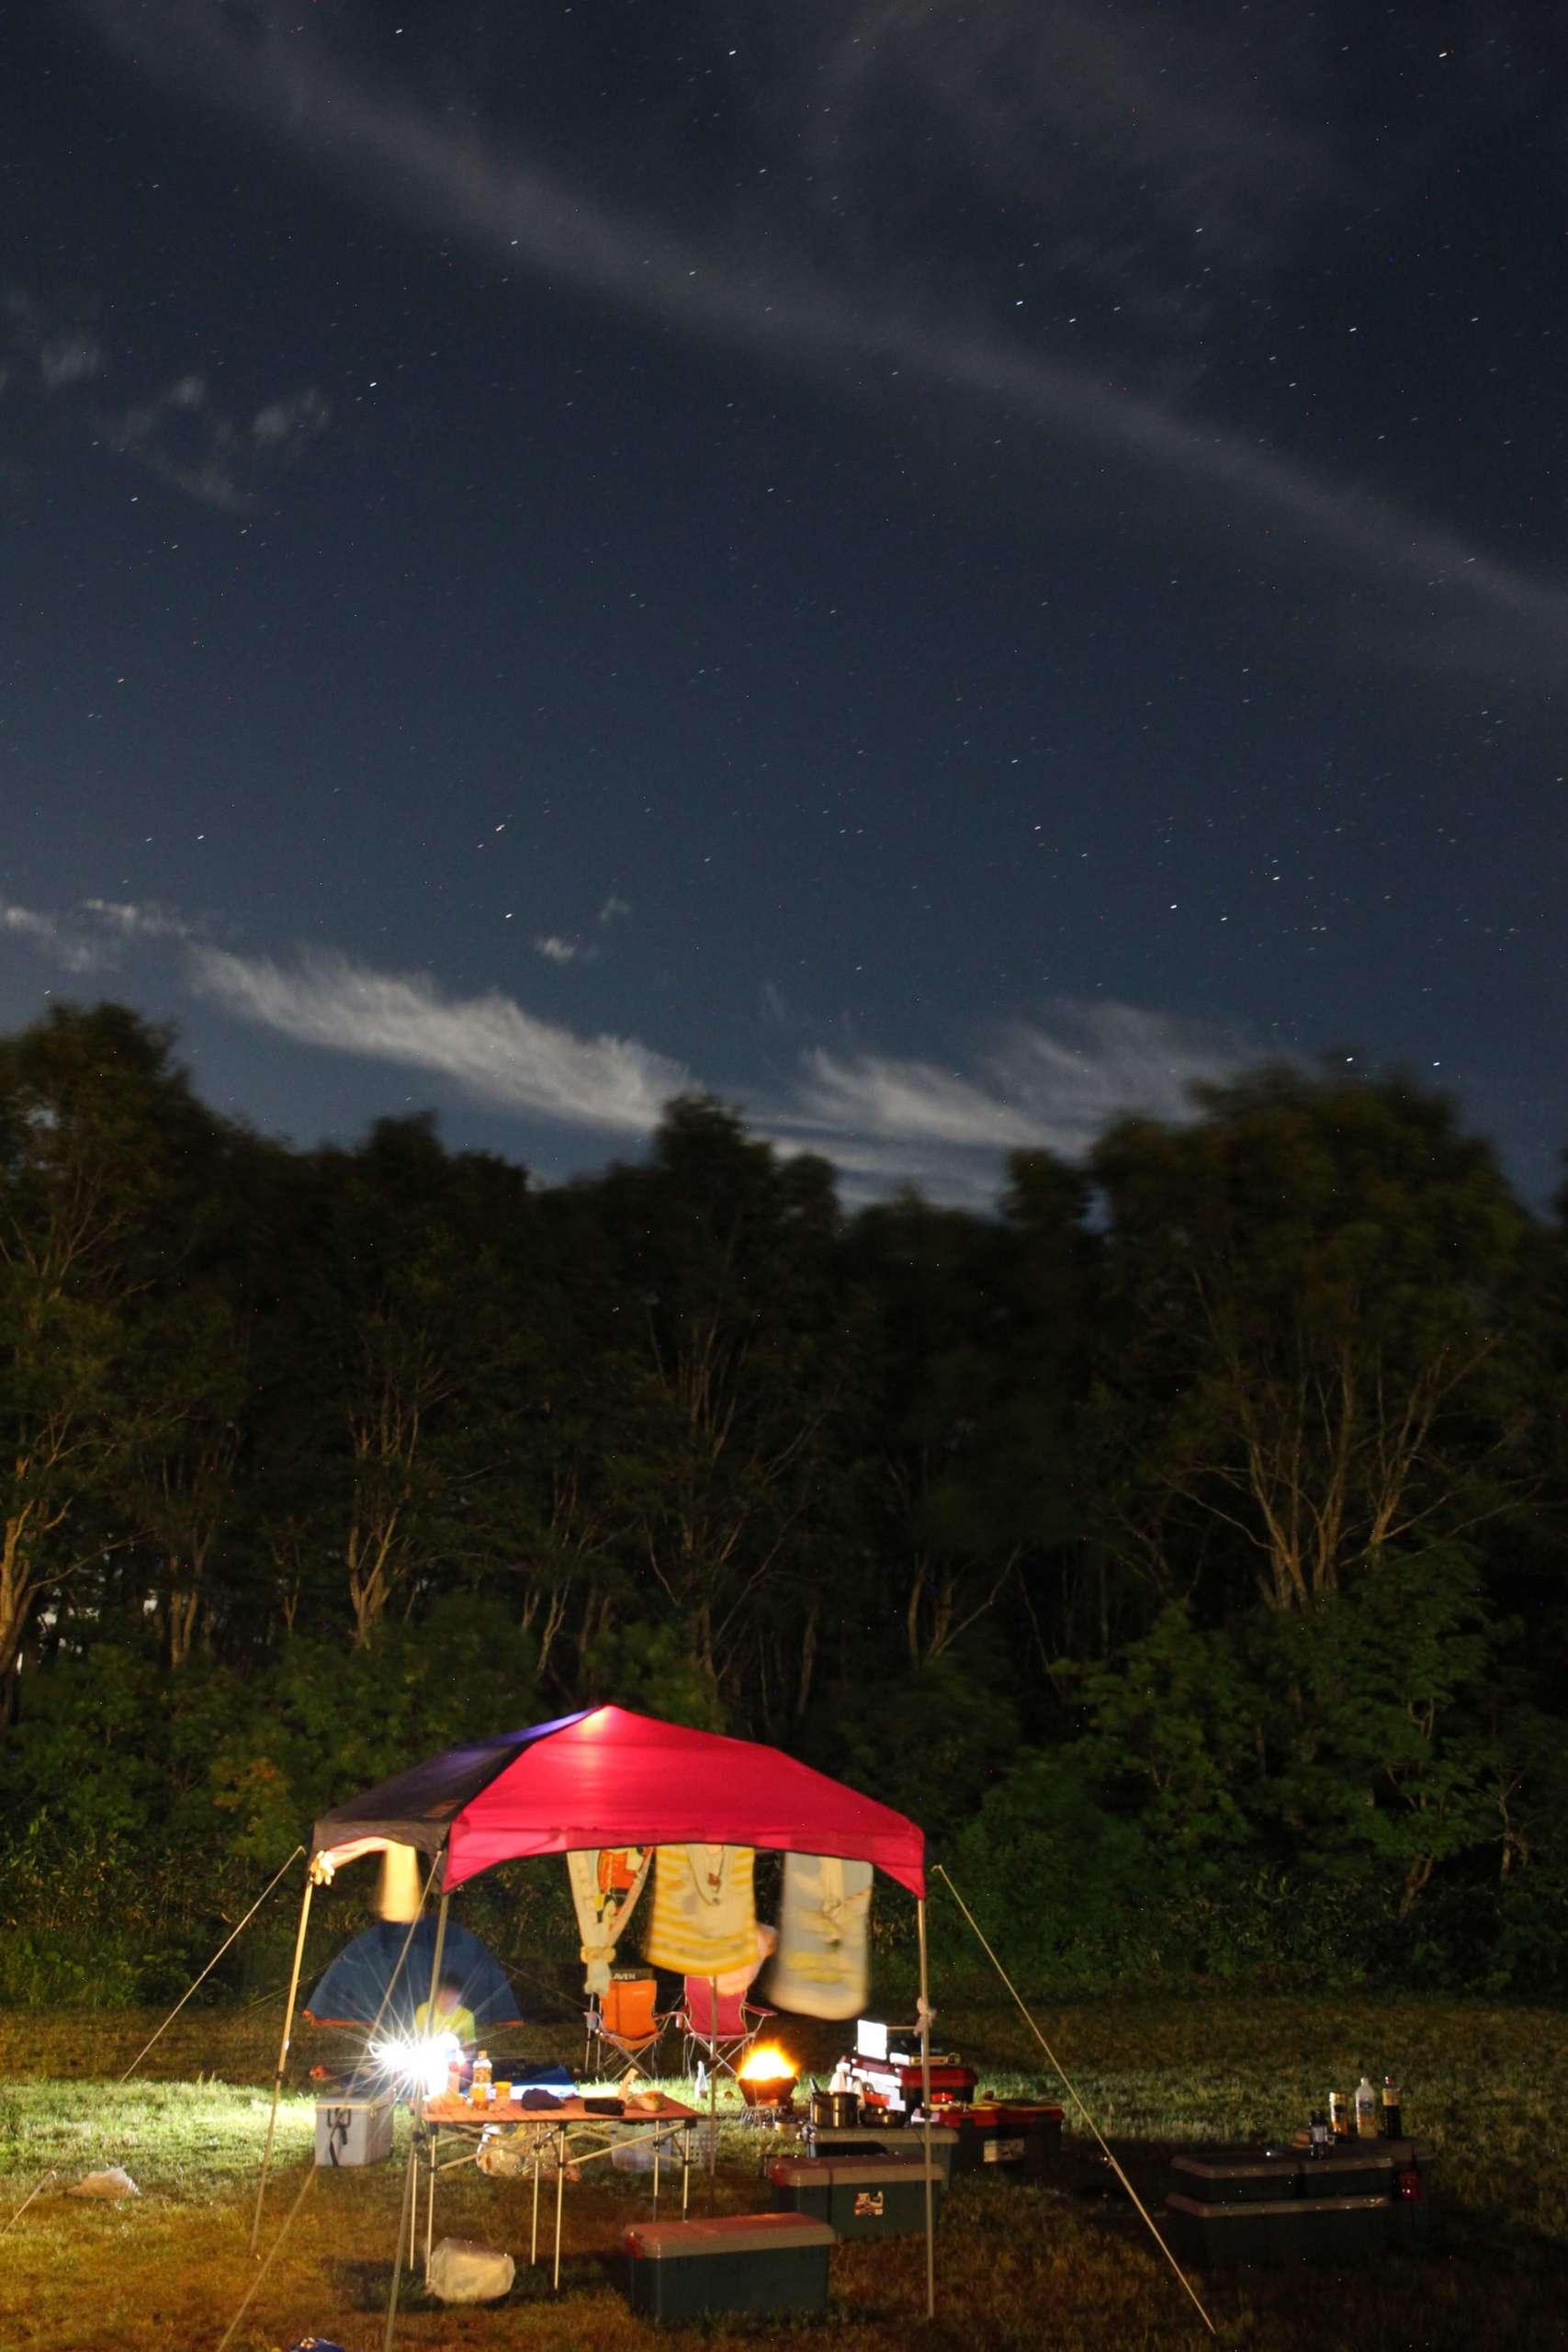 泊まりキャンプツーリングのテントサイトでの楽しみ方まとめ!